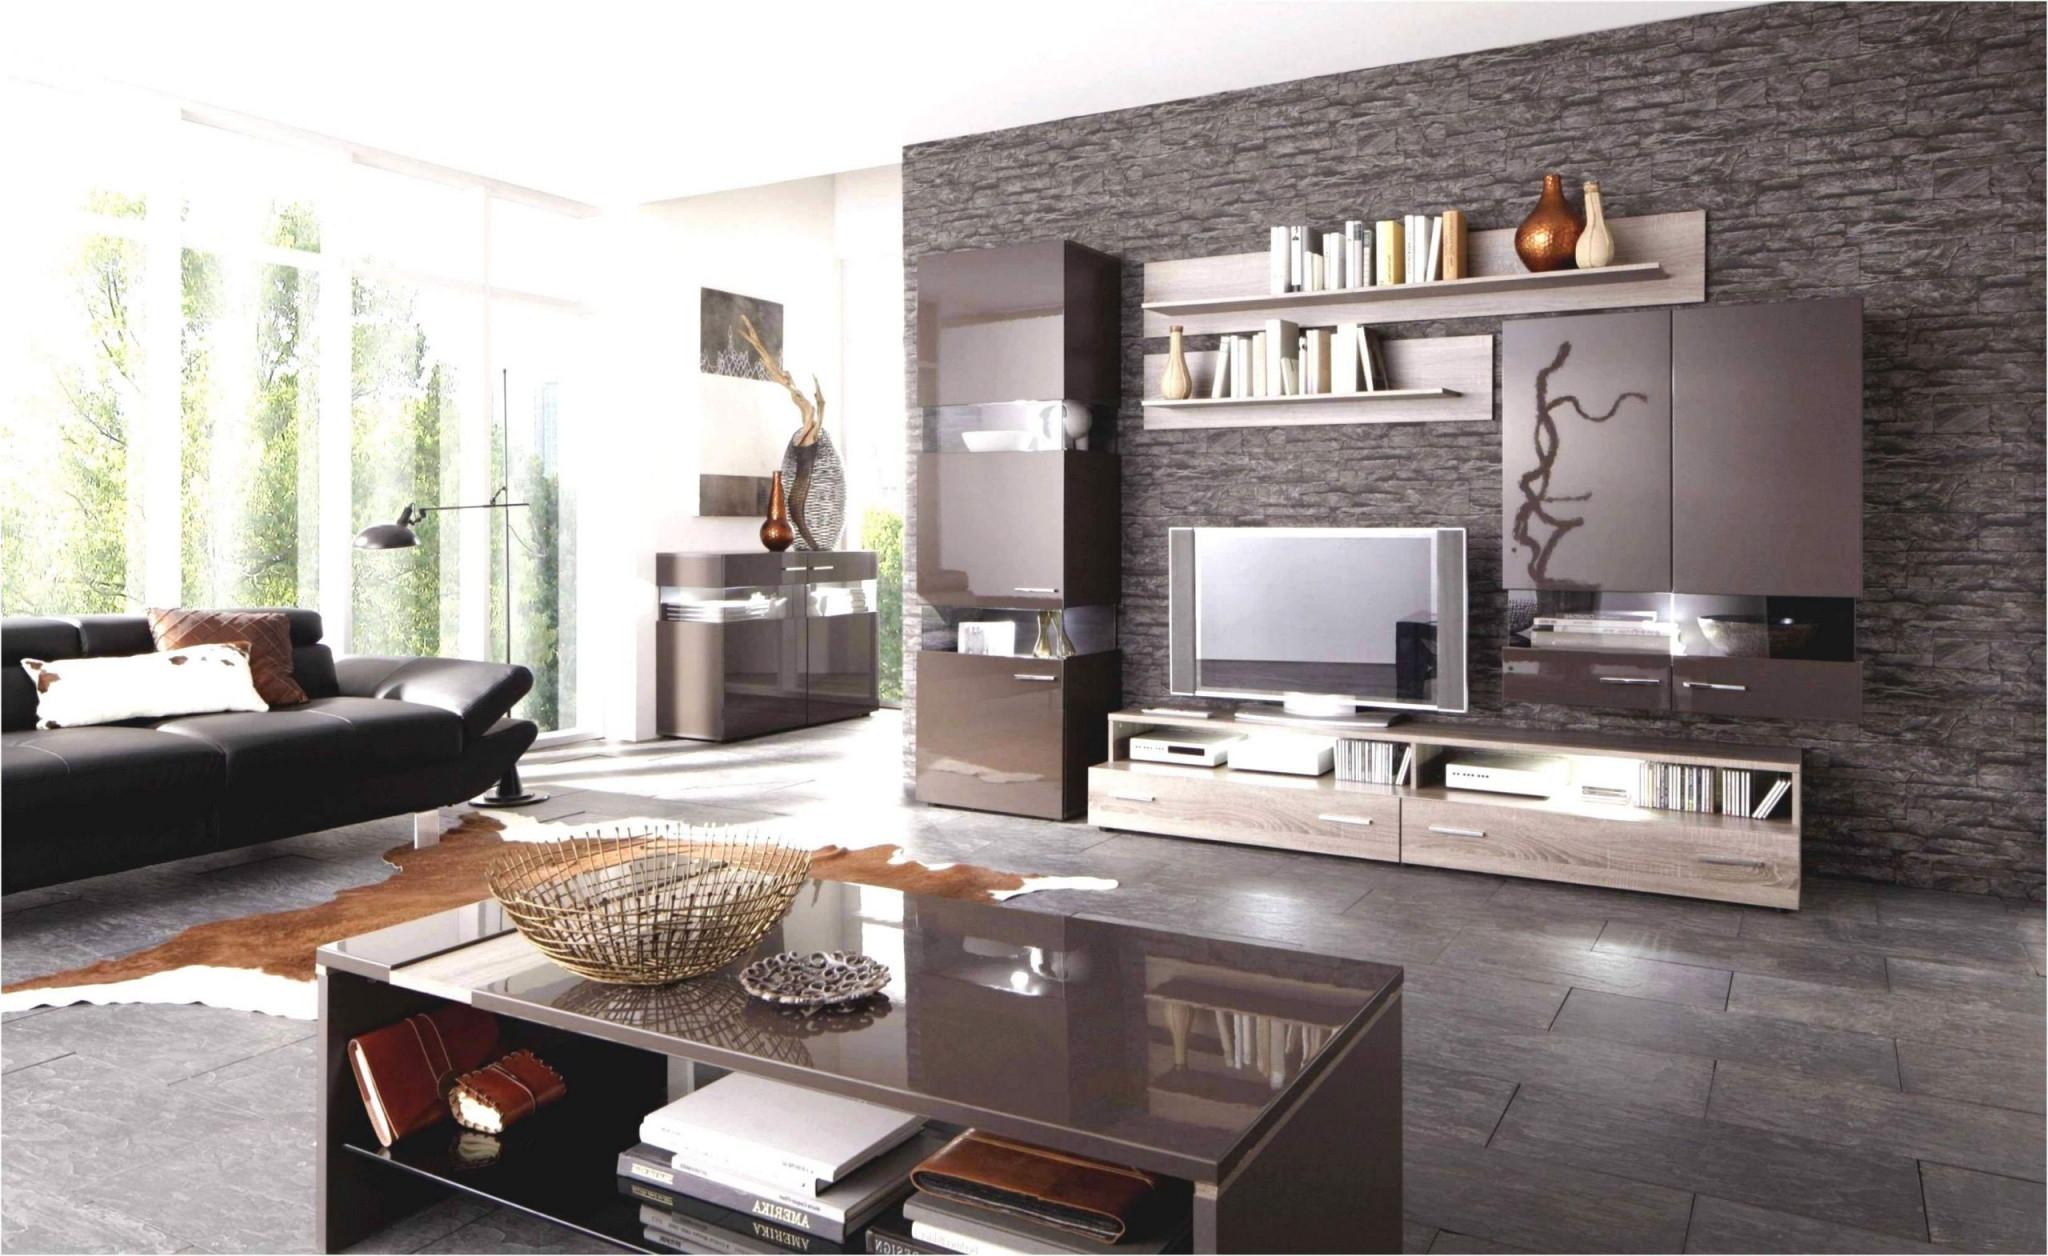 39 Einzigartig Wohnzimmer Tapeten Ideen Modern Das Beste Von von Tapeten Fürs Wohnzimmer Photo